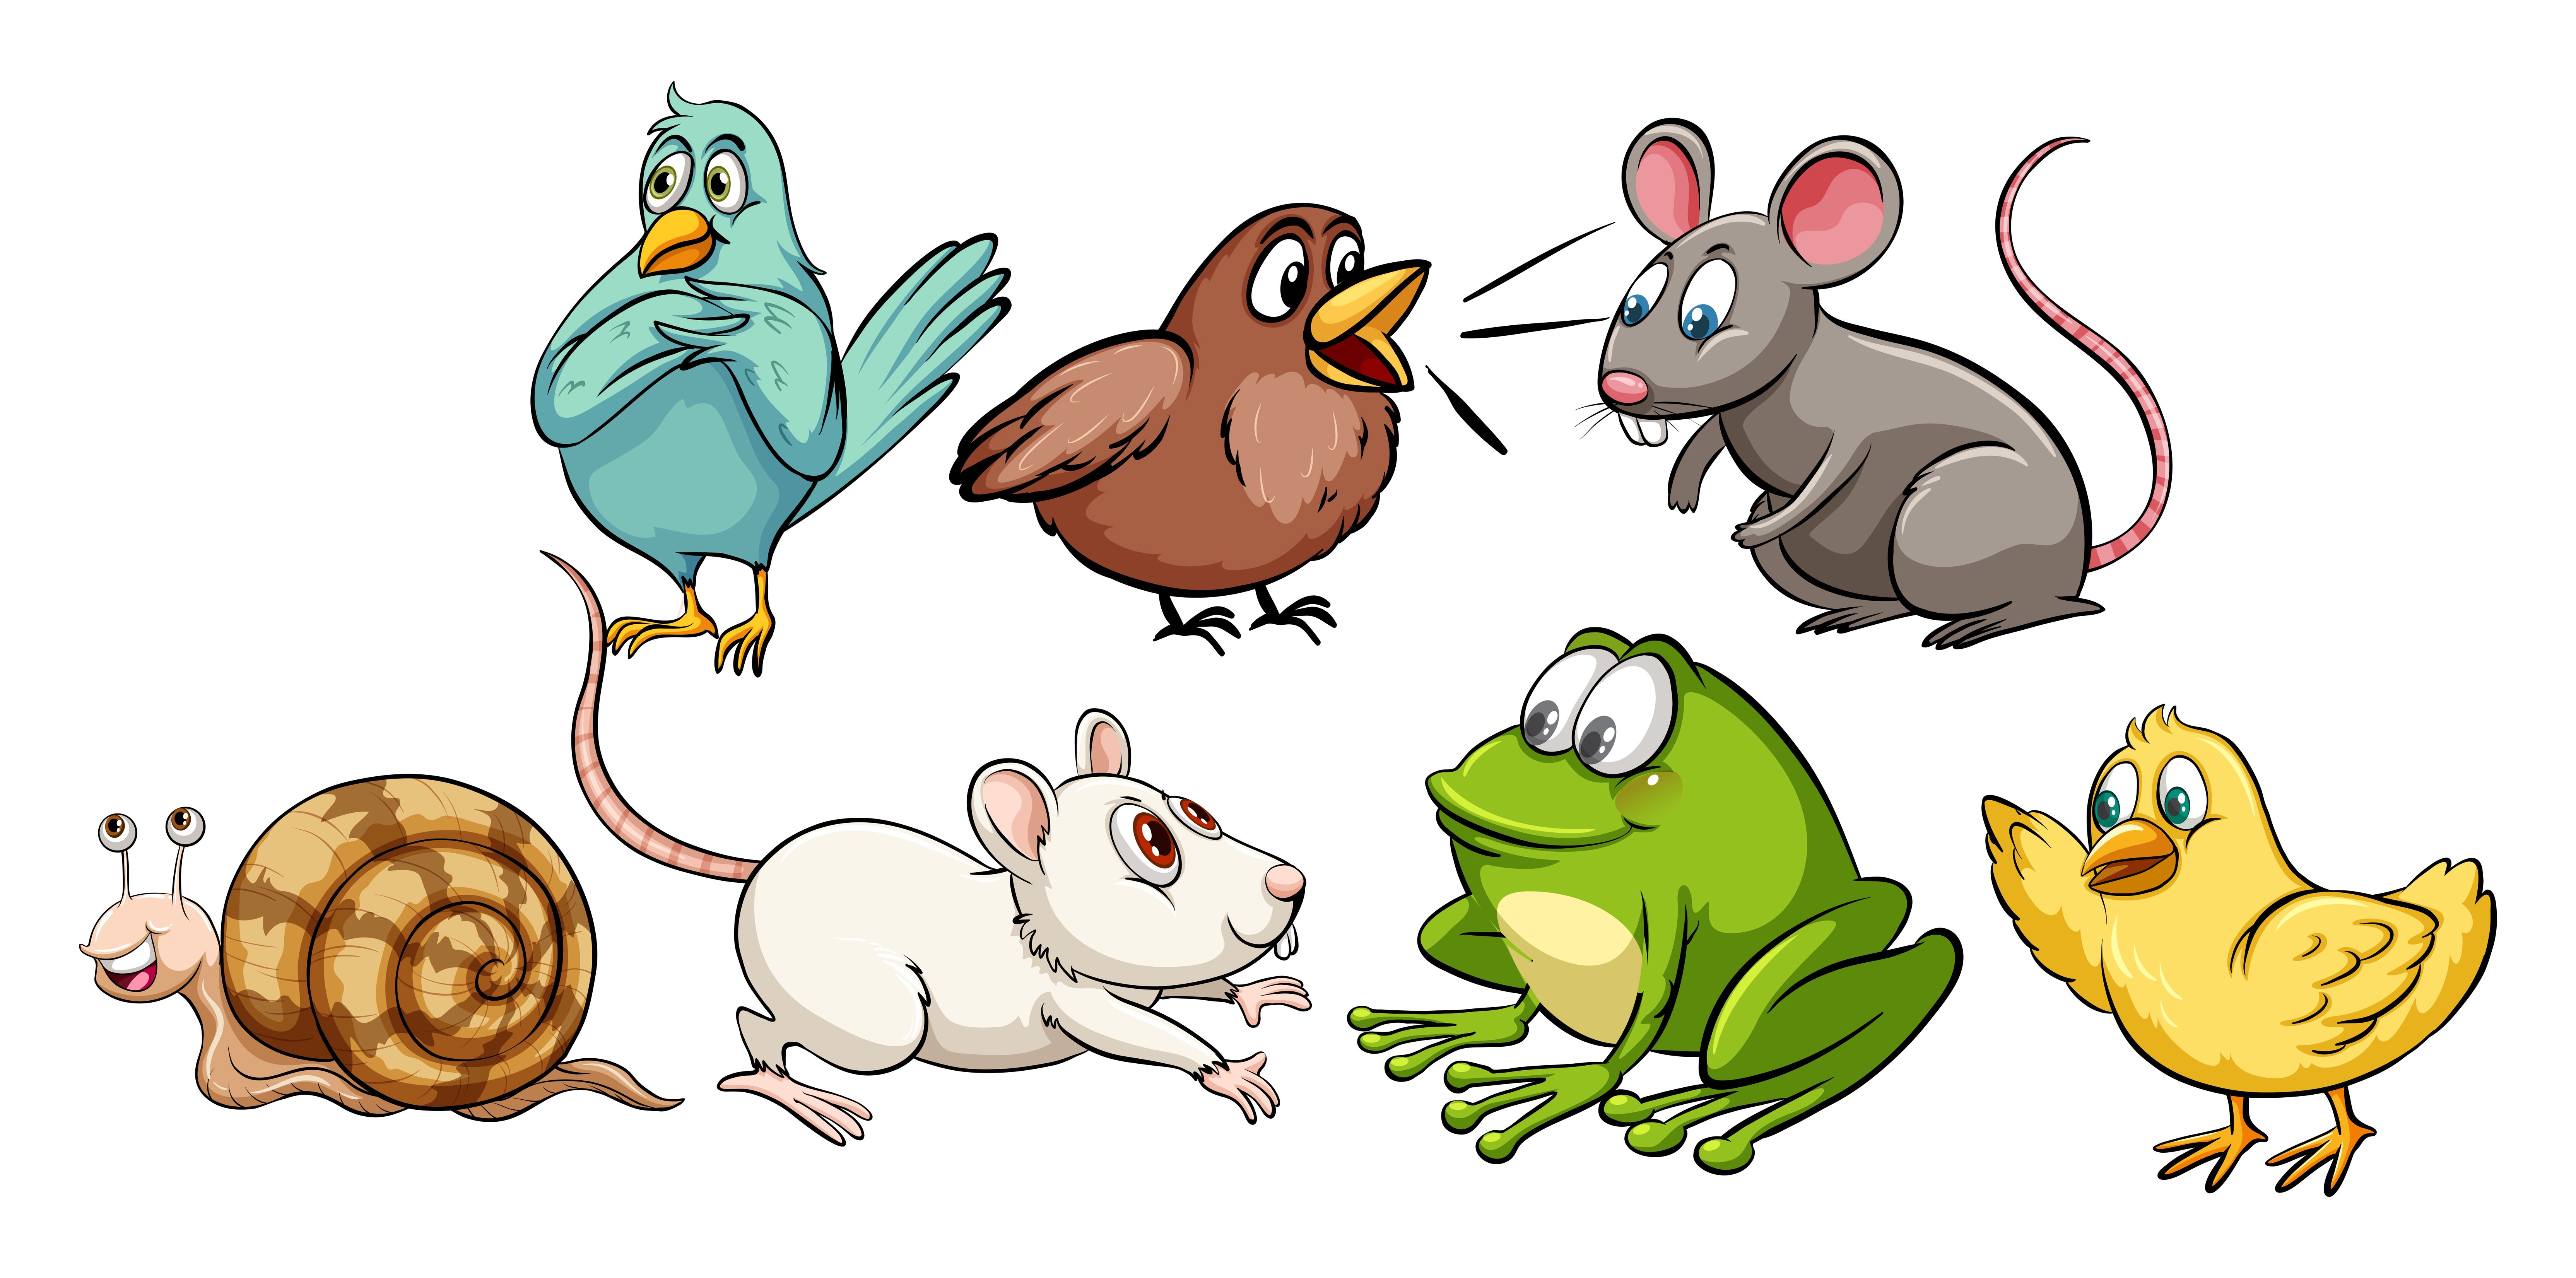 Animals - Download Free Vectors, Clipart Graphics & Vector Art